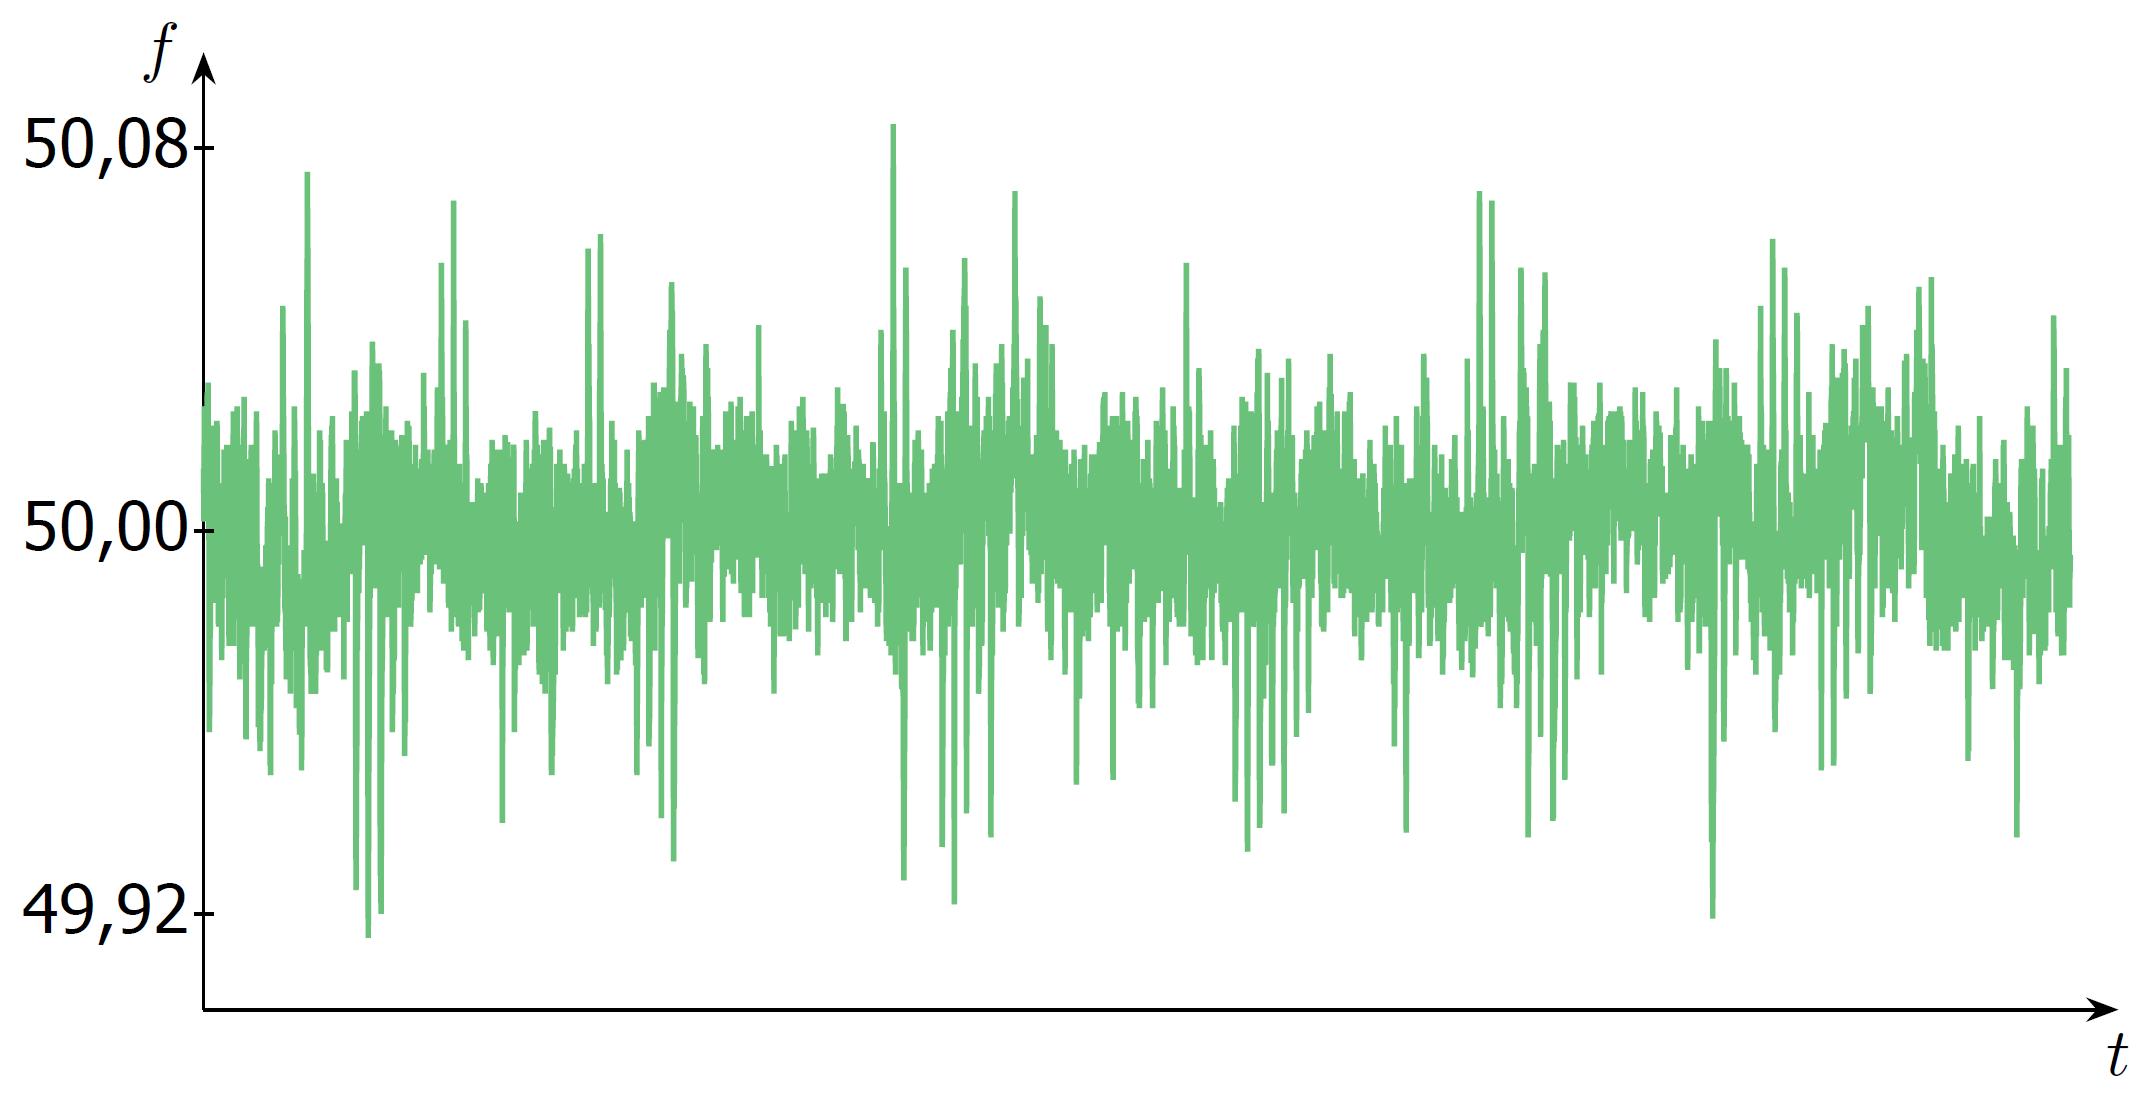 Verlauf der Netzfrequenz über mehrere Tage